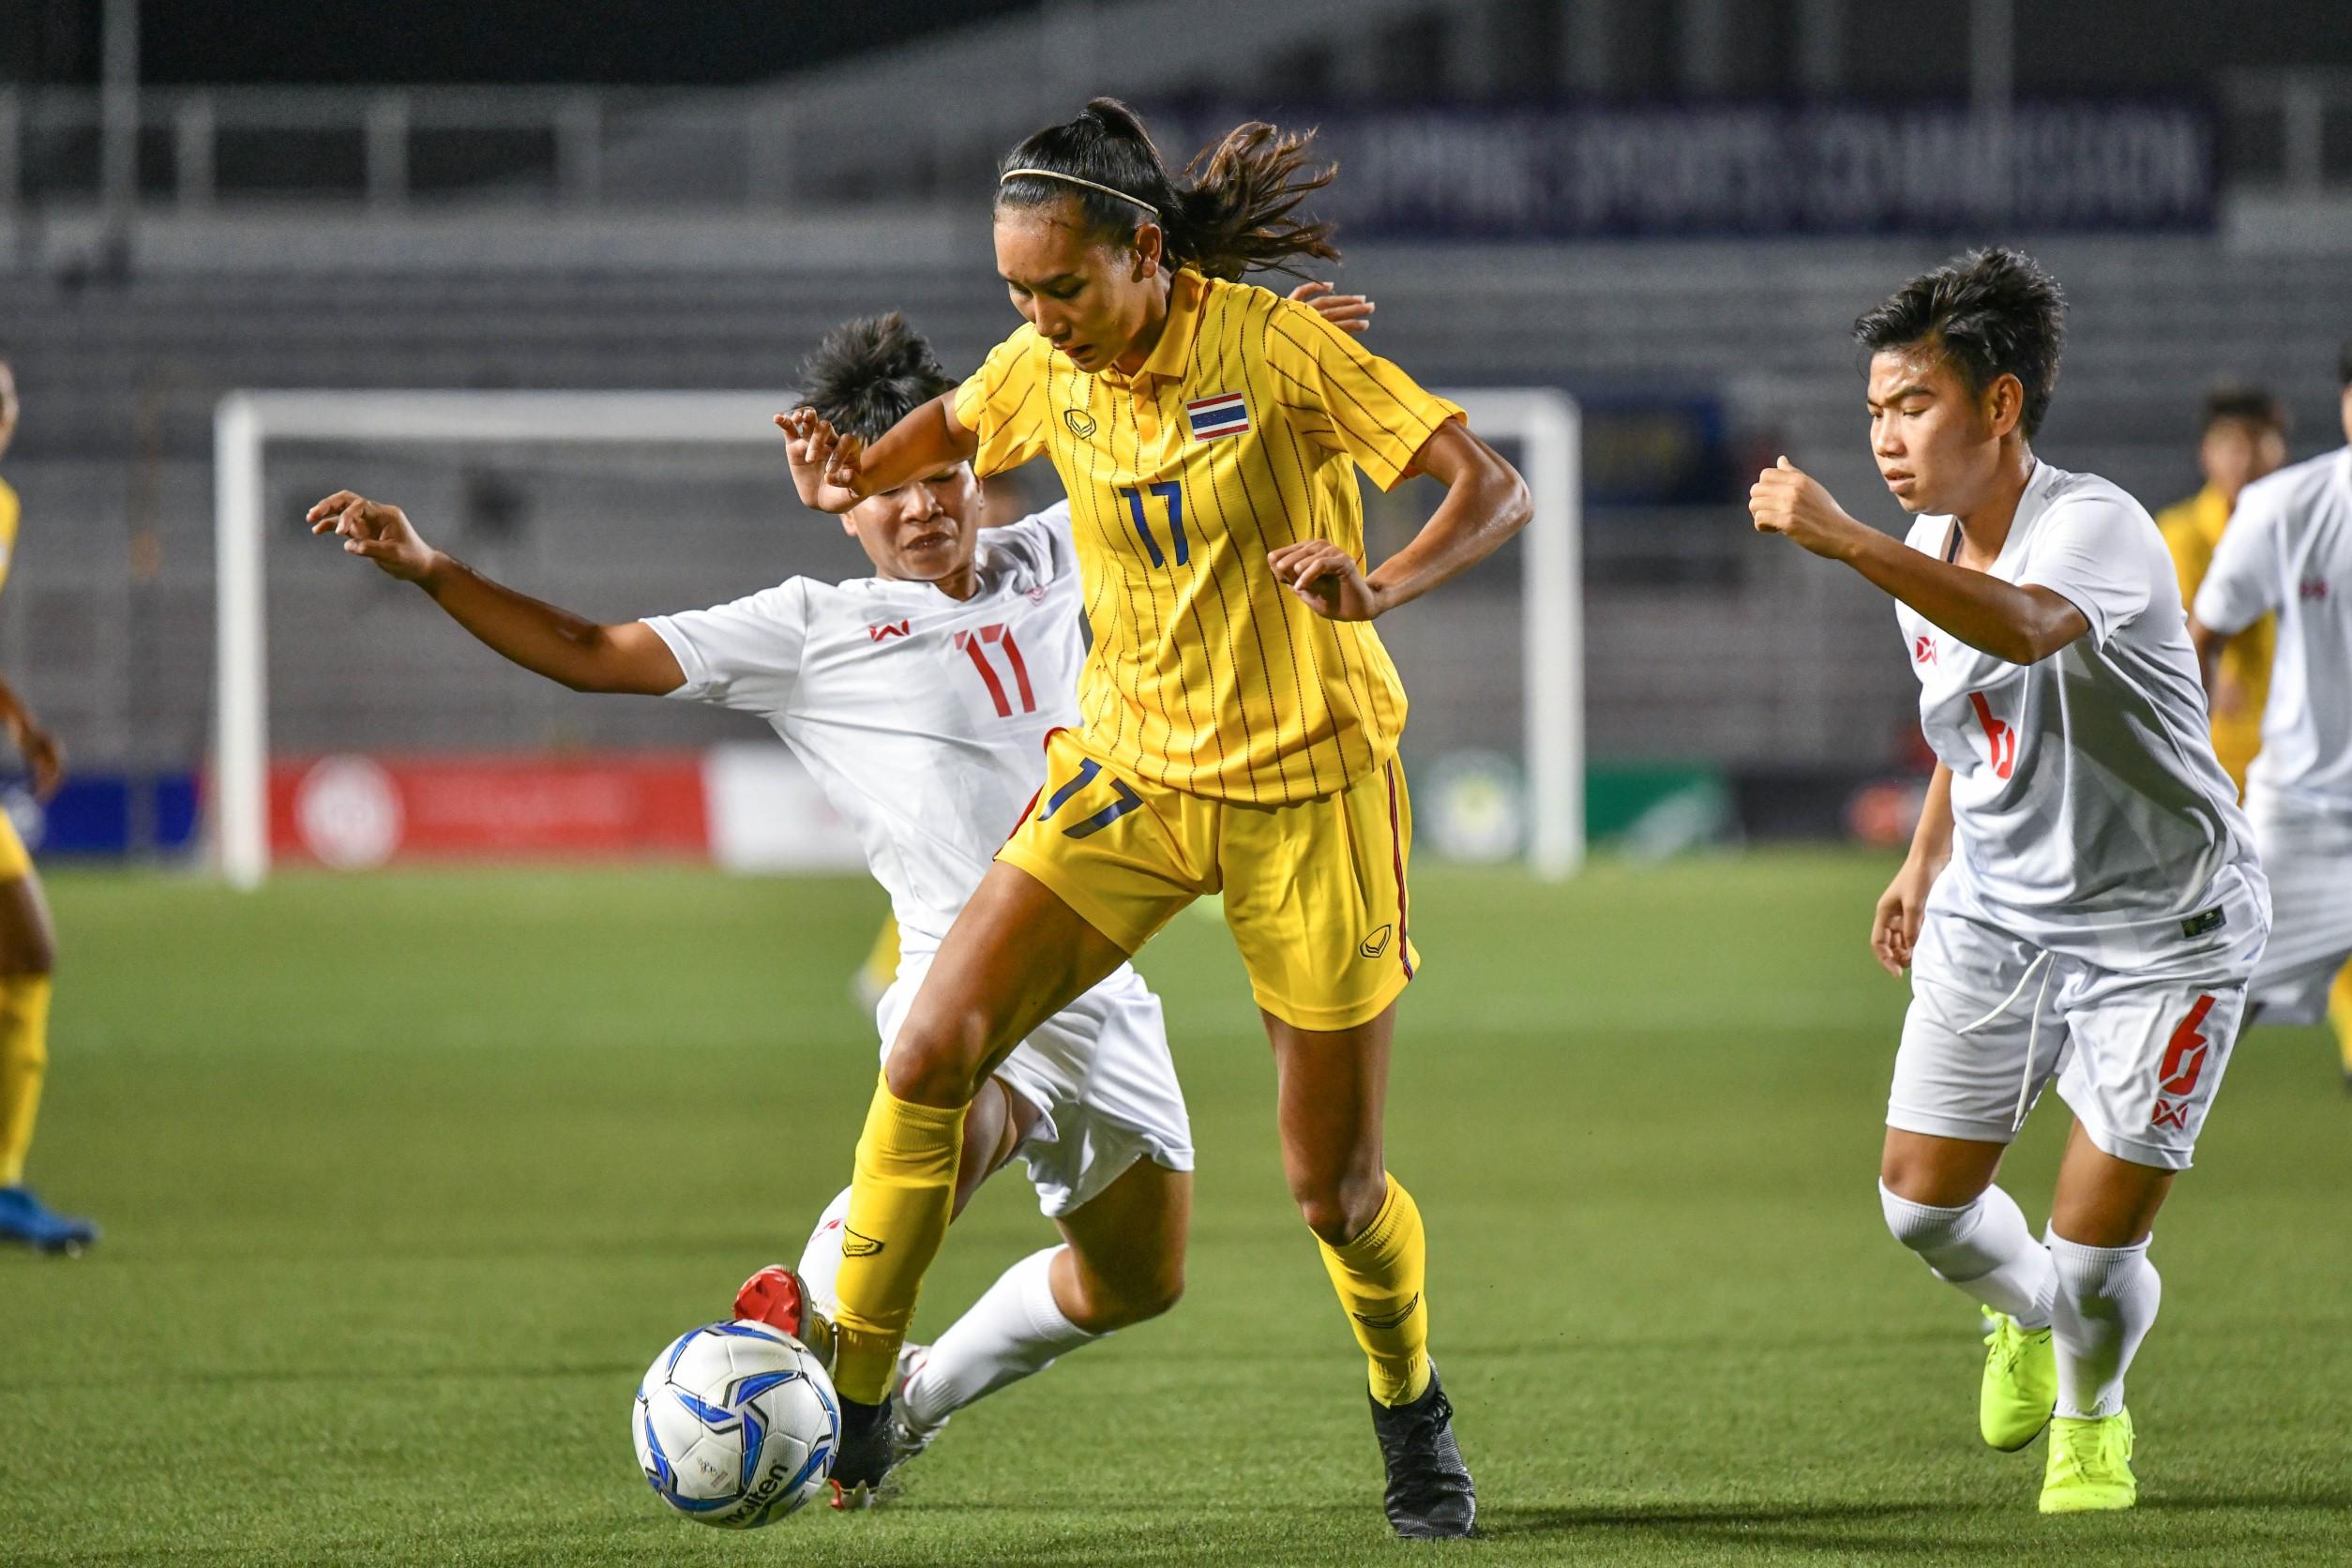 ฟุตบอลหญิงทีมชาติไทยชุดซีเกมส์2019